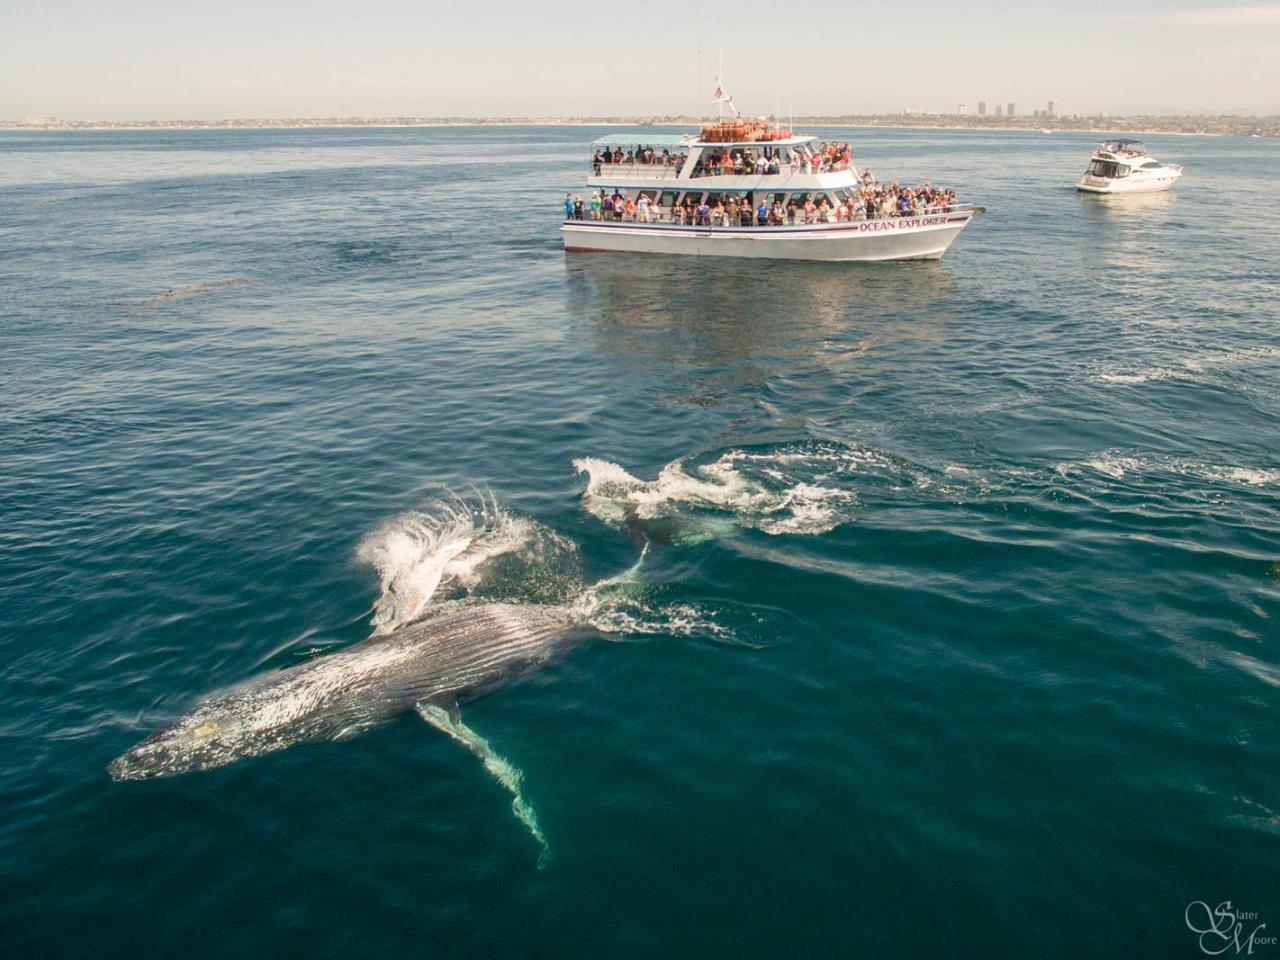 Davey's Locker whale watching cruises